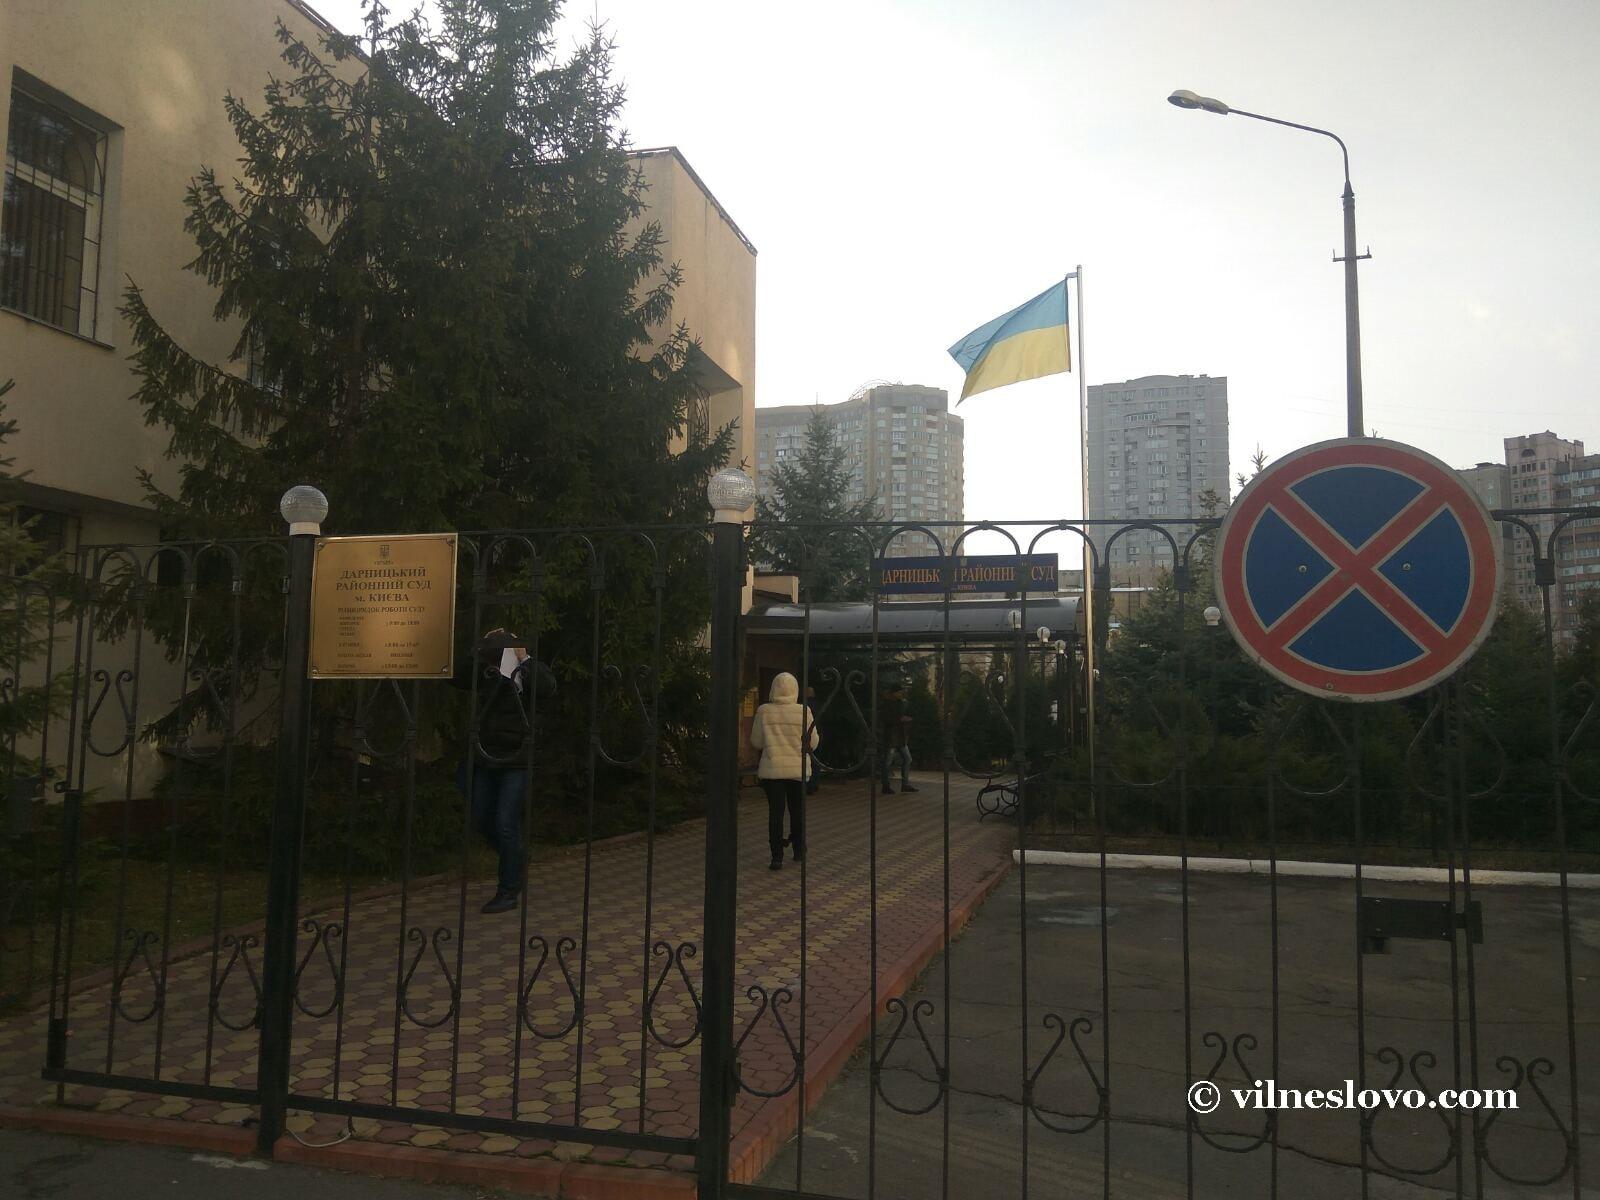 Верховно-судейское жлобство: твоя элита, Украина!